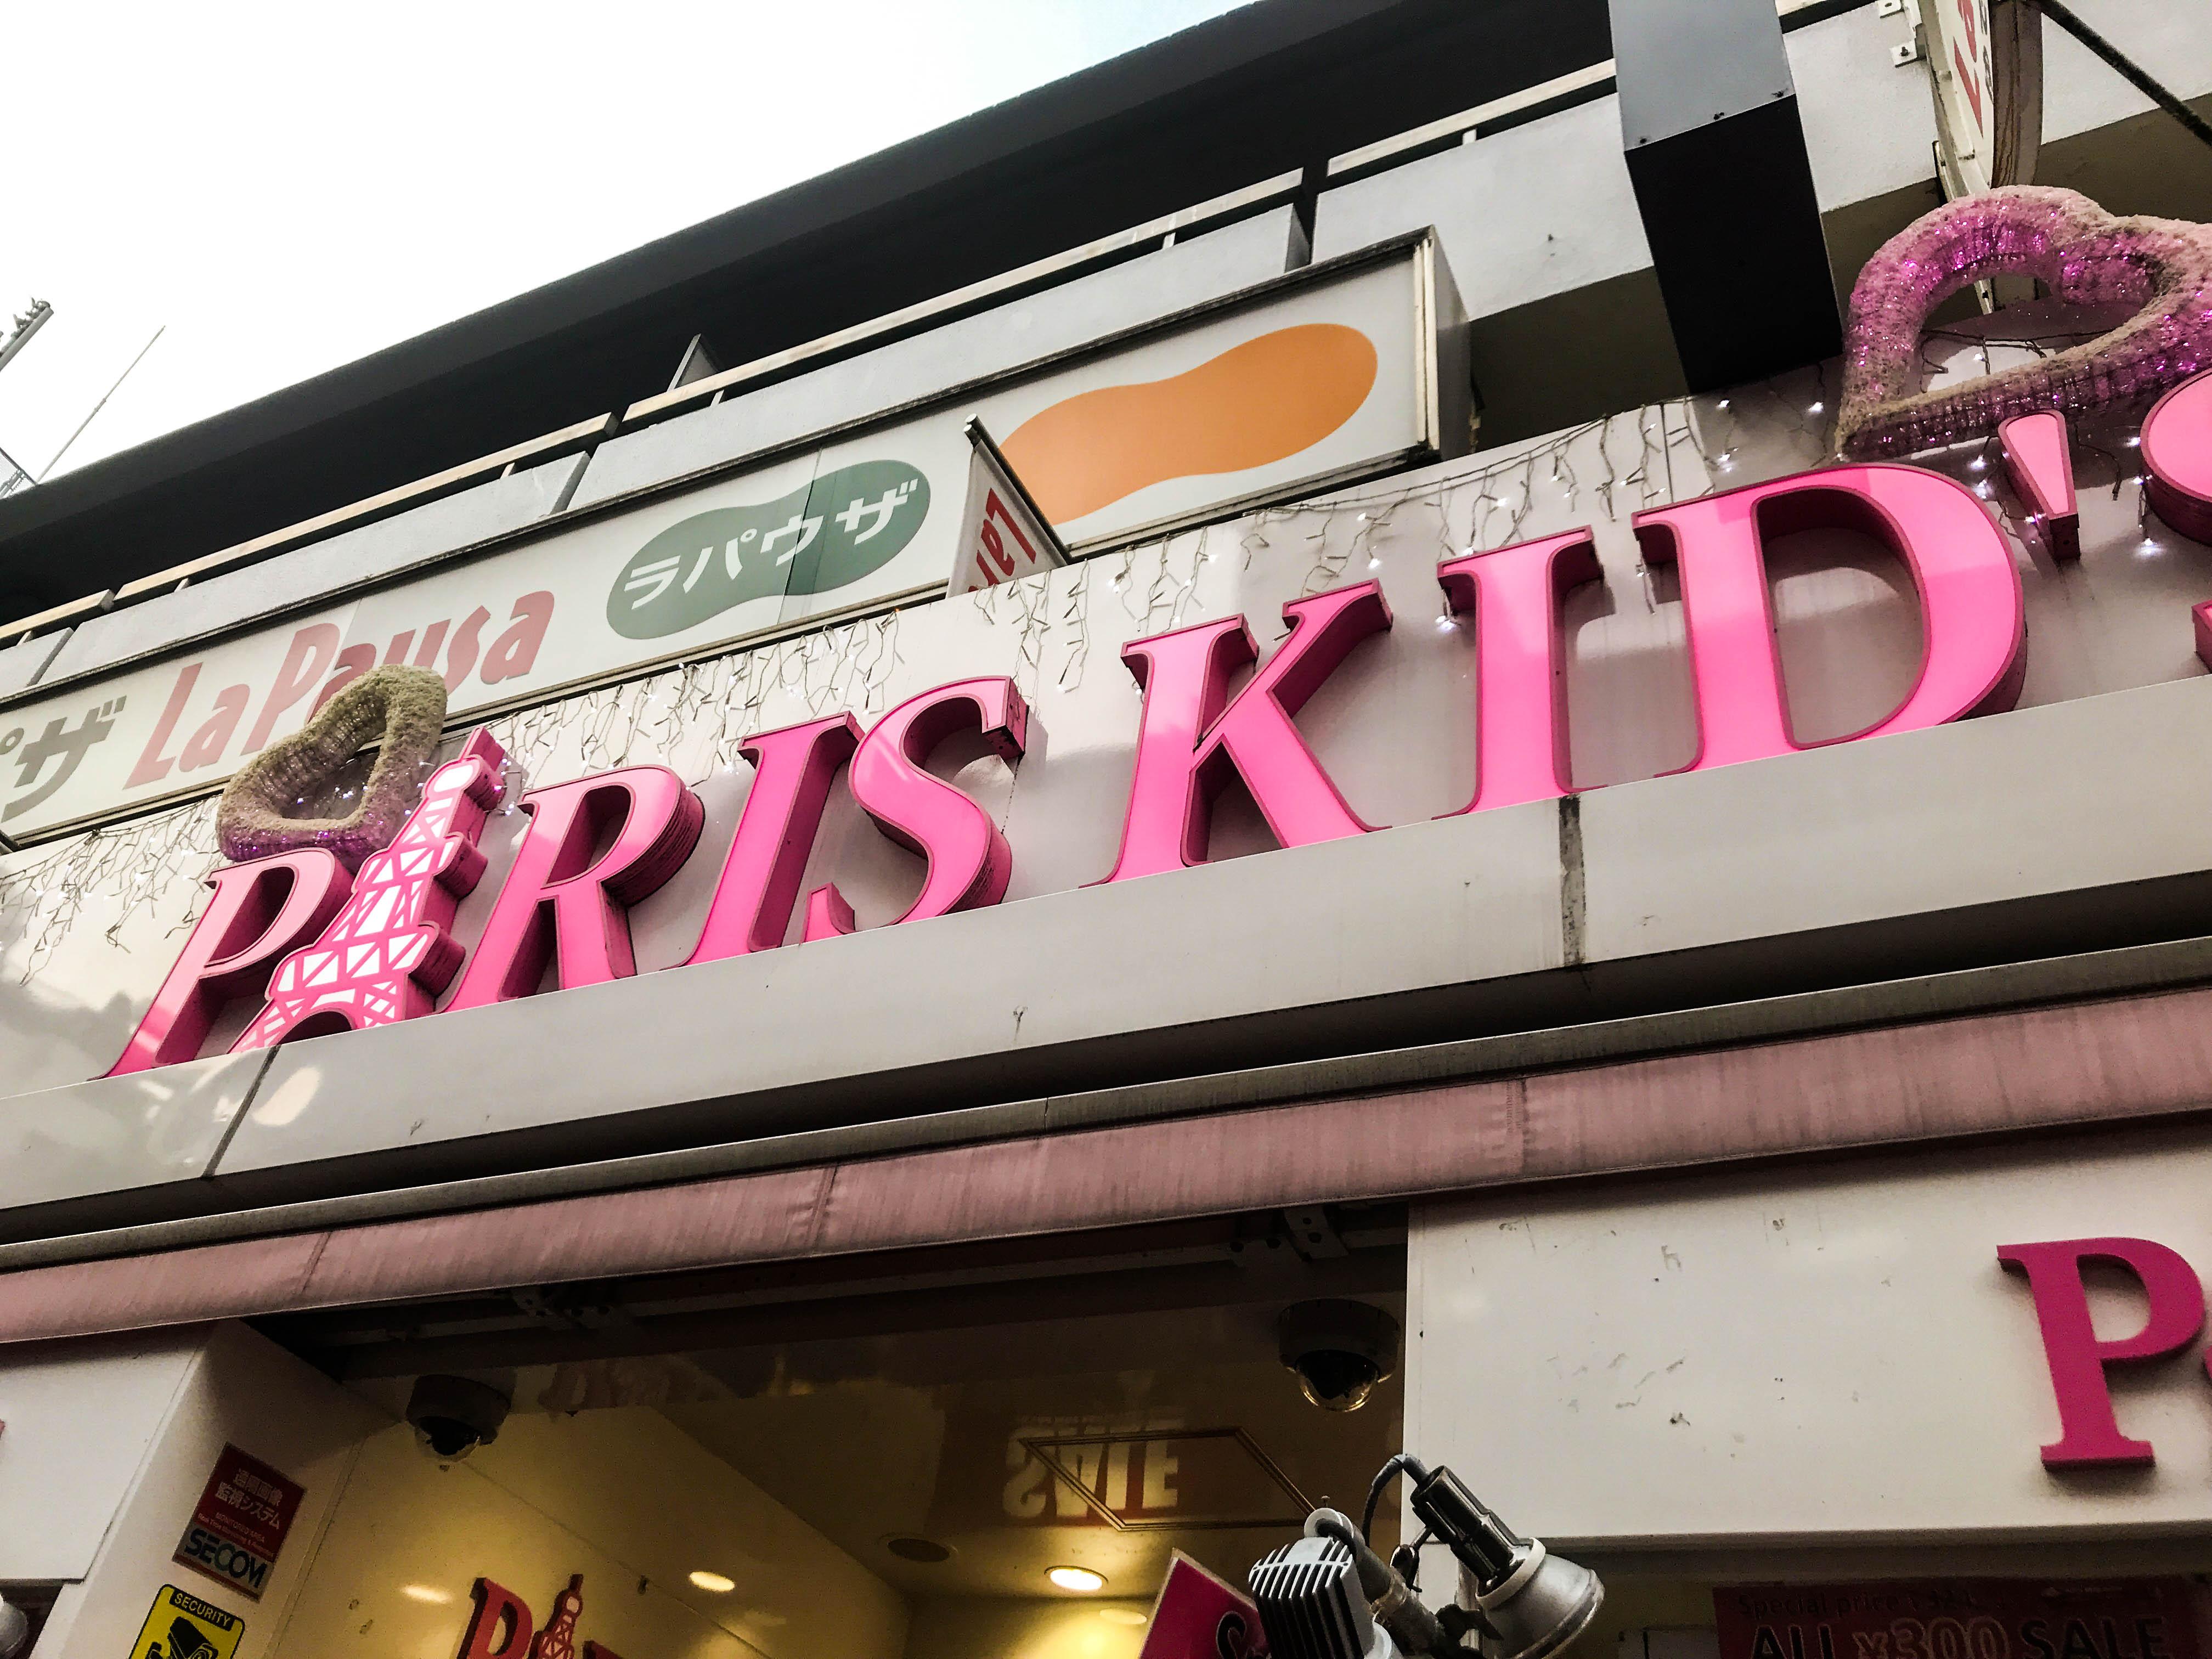 PARIS KID'S storefront on Takeshita Street in Harajuku Tokyo Shibuya Japan